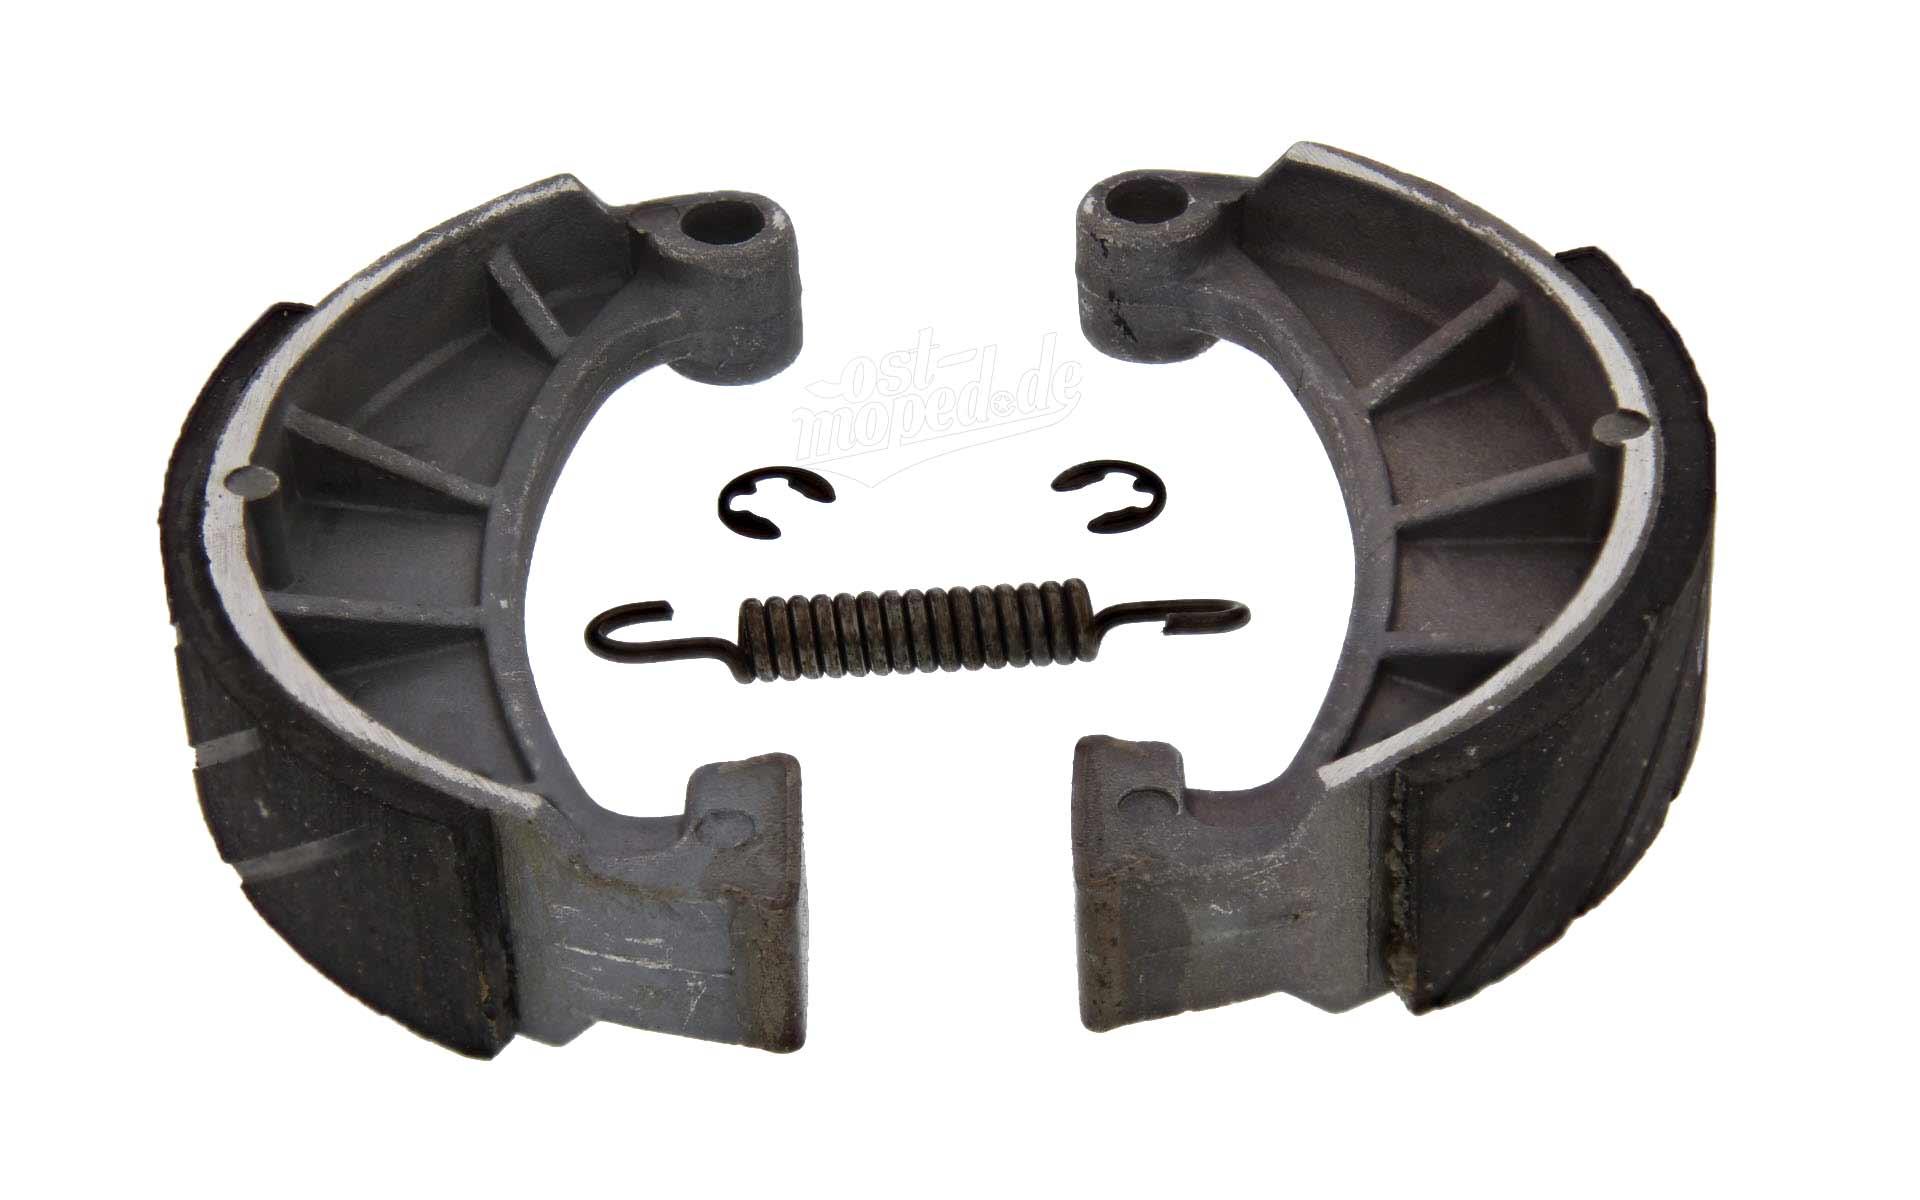 2x Bremsbacken SIMSON SPORT SIMSON Set inklusive Feder + Sicherungsclips